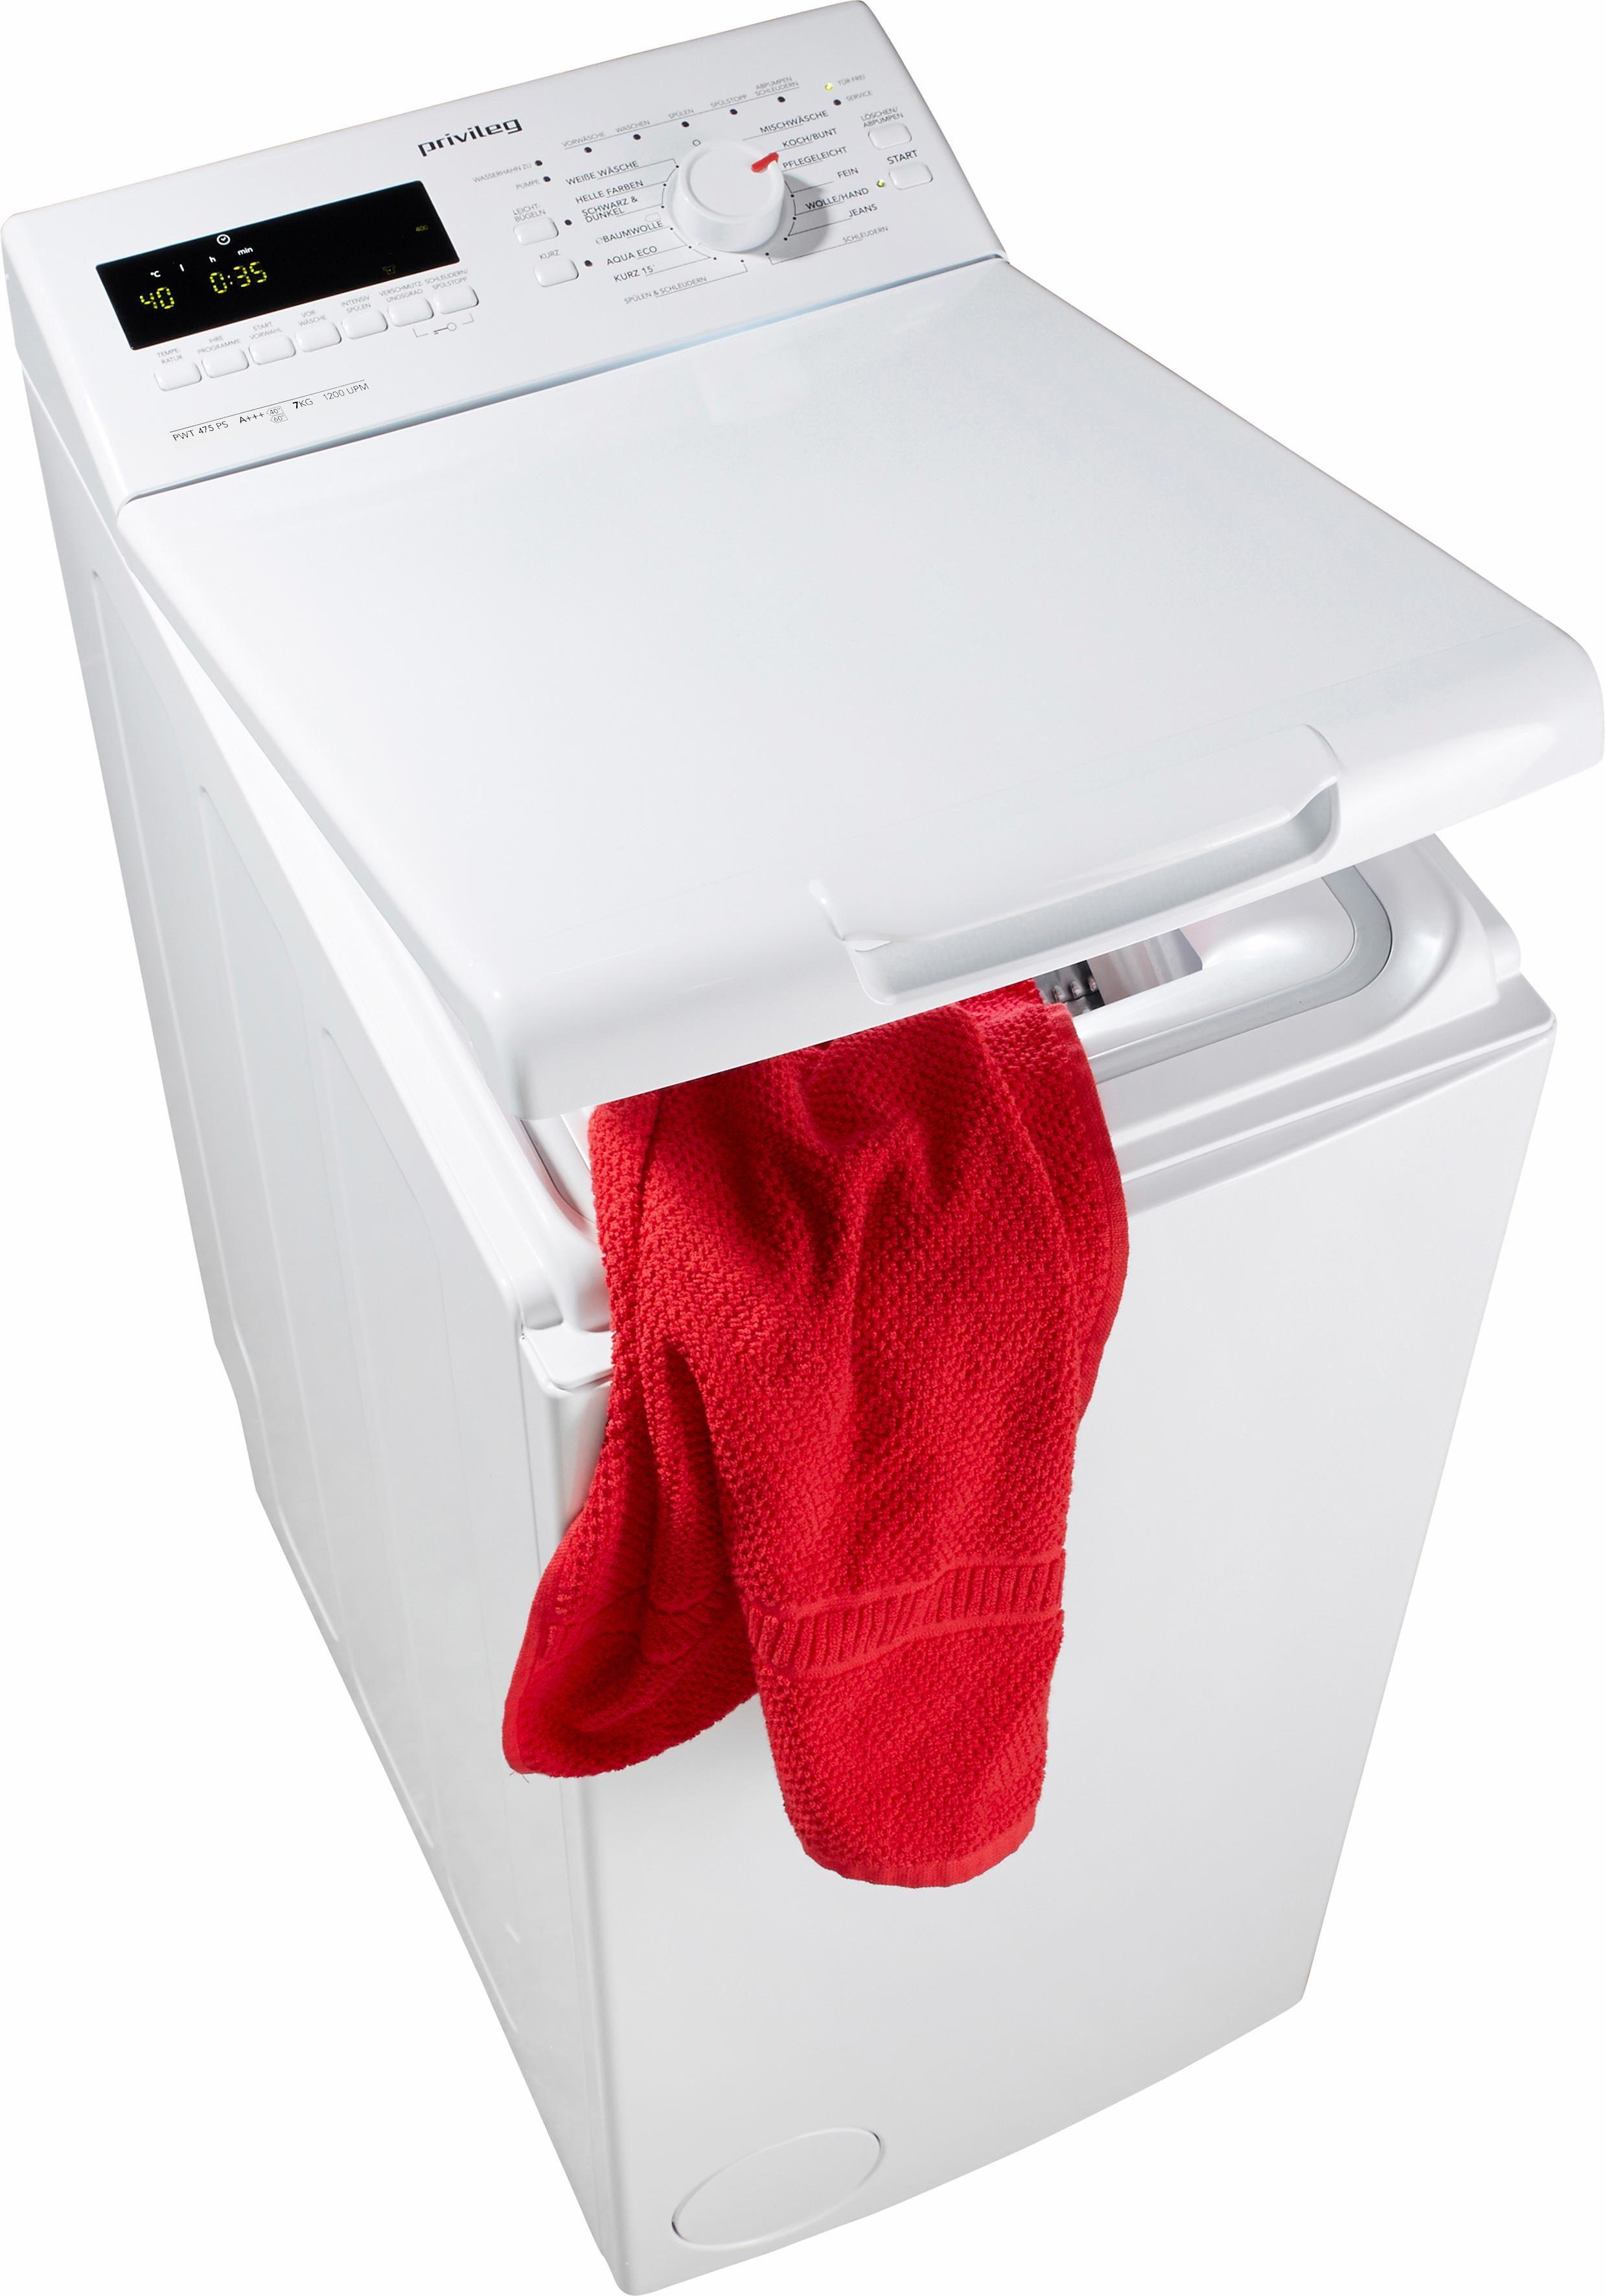 Privileg Waschmaschine Toplader PWT 475 PS, A+++, 7 kg, 1200 U/Min